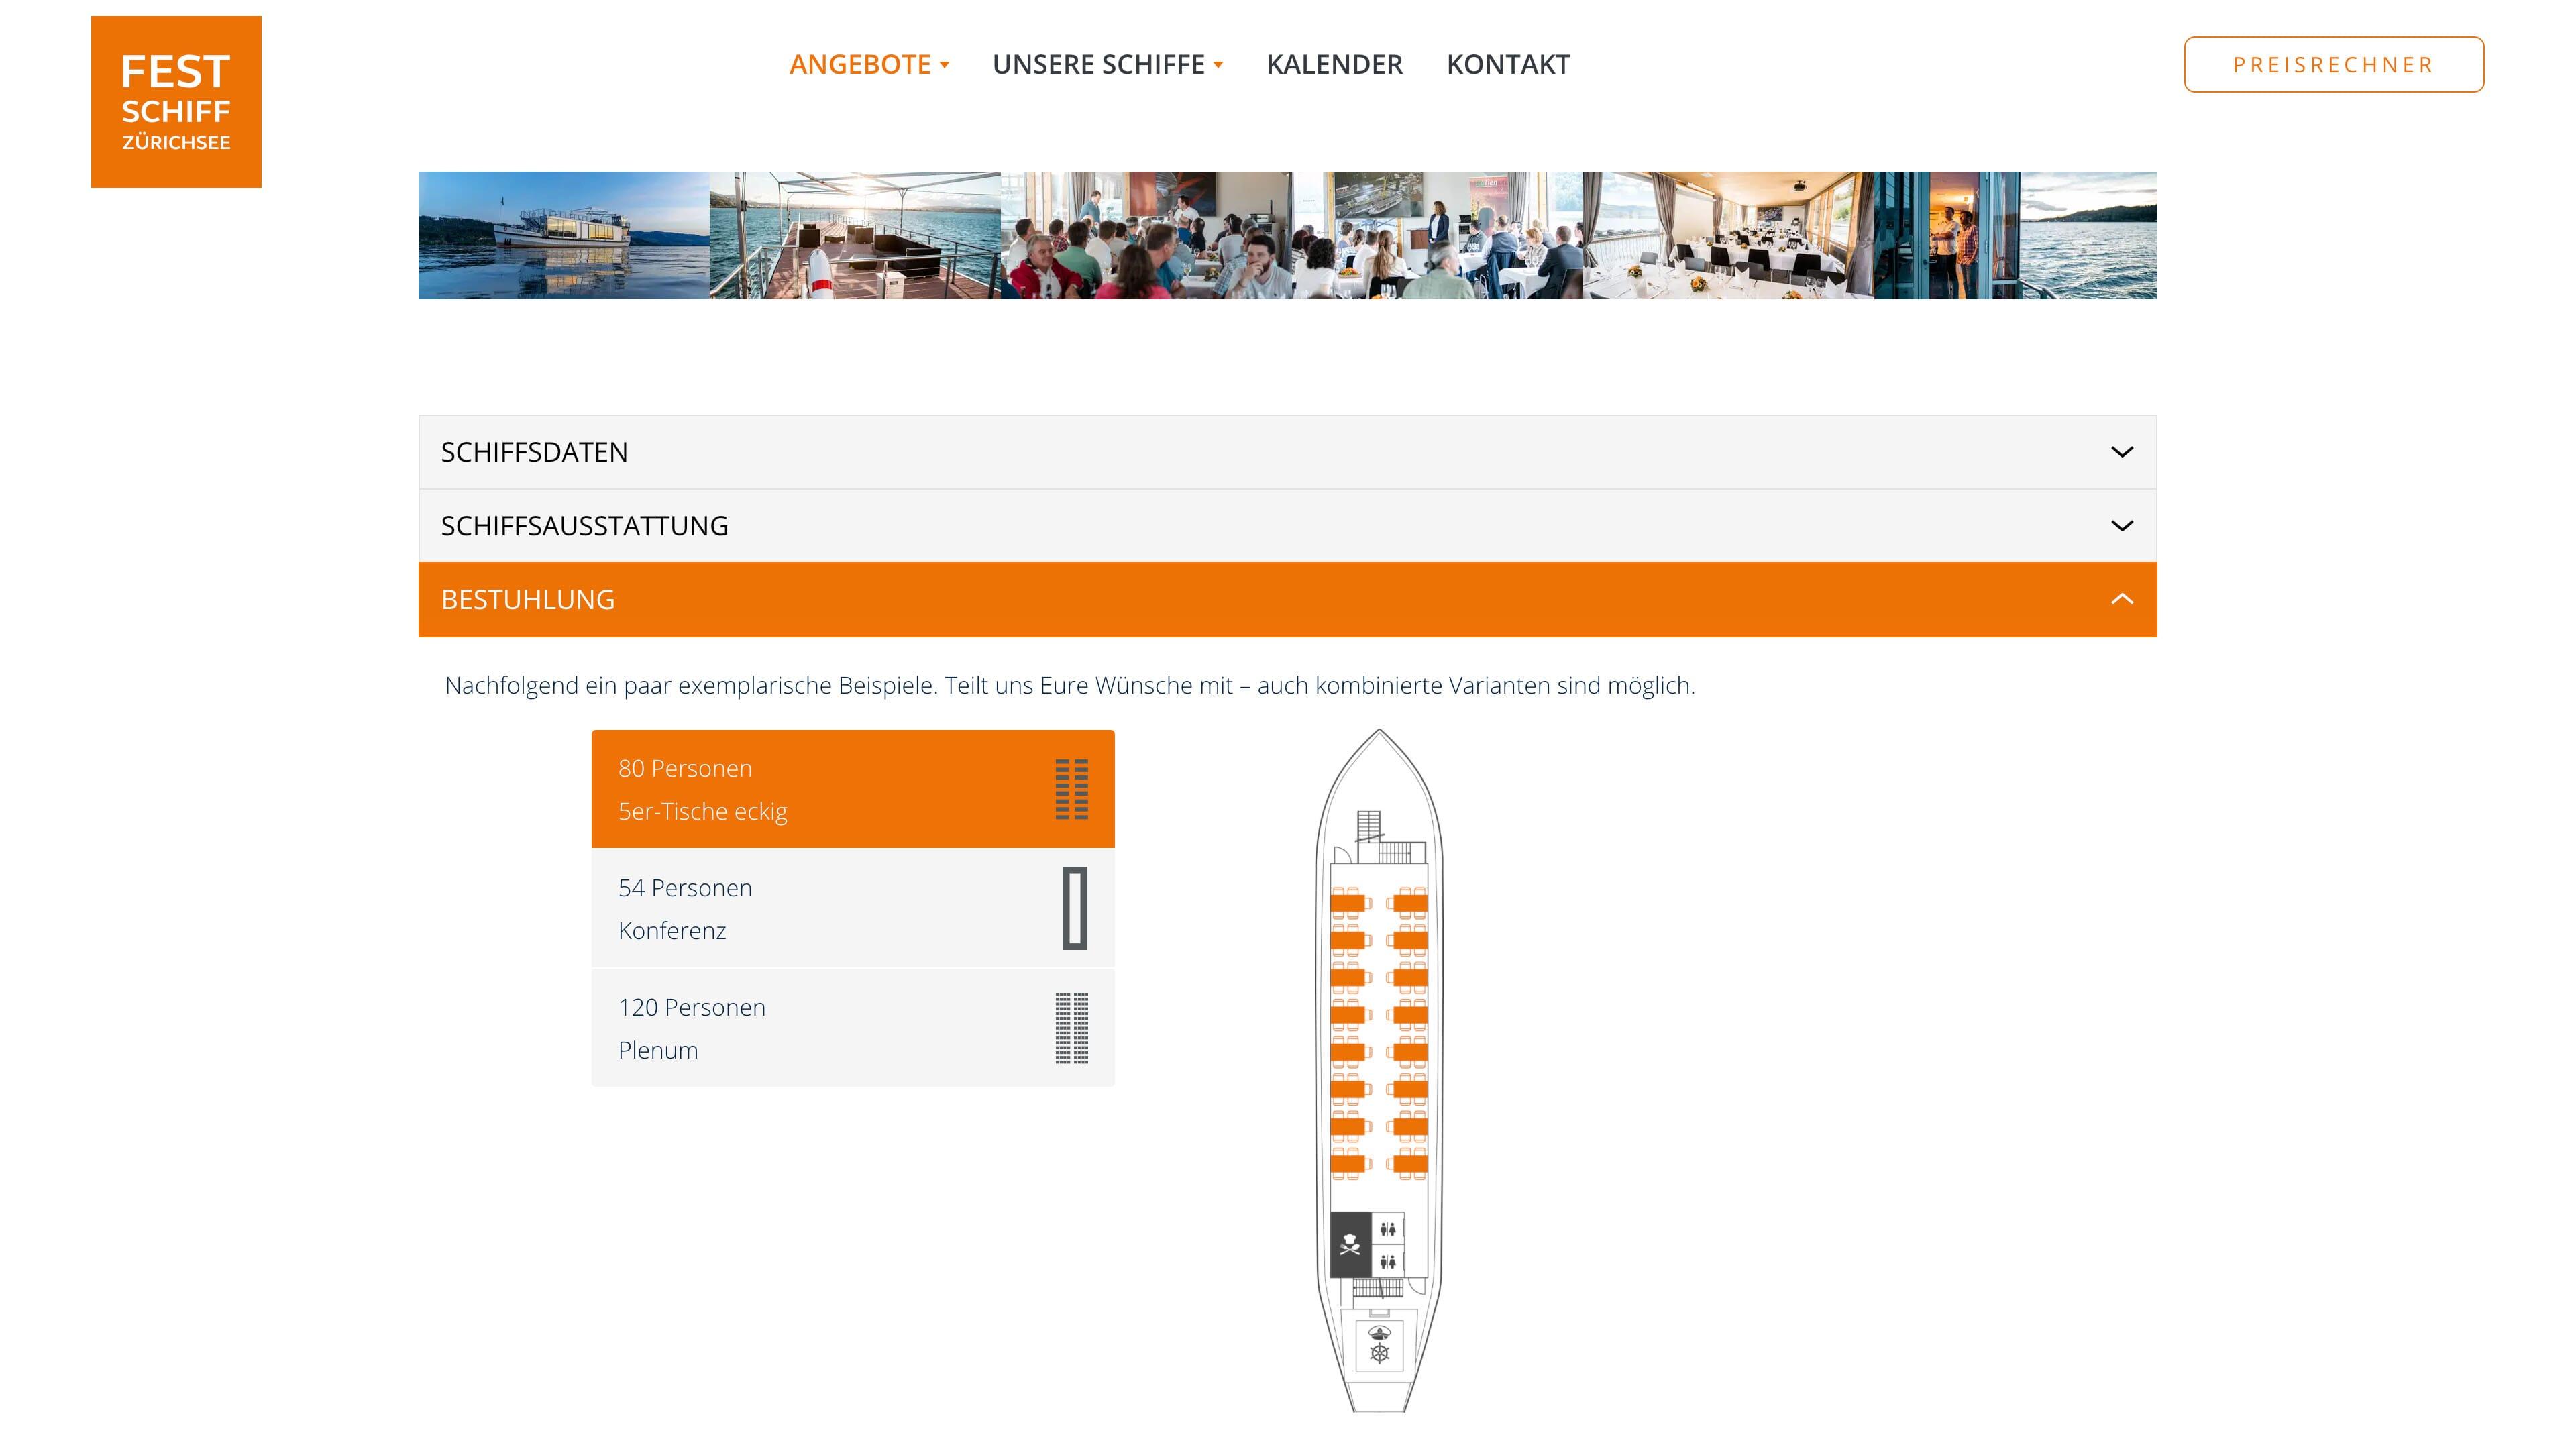 Website Festschiff Schmerikon